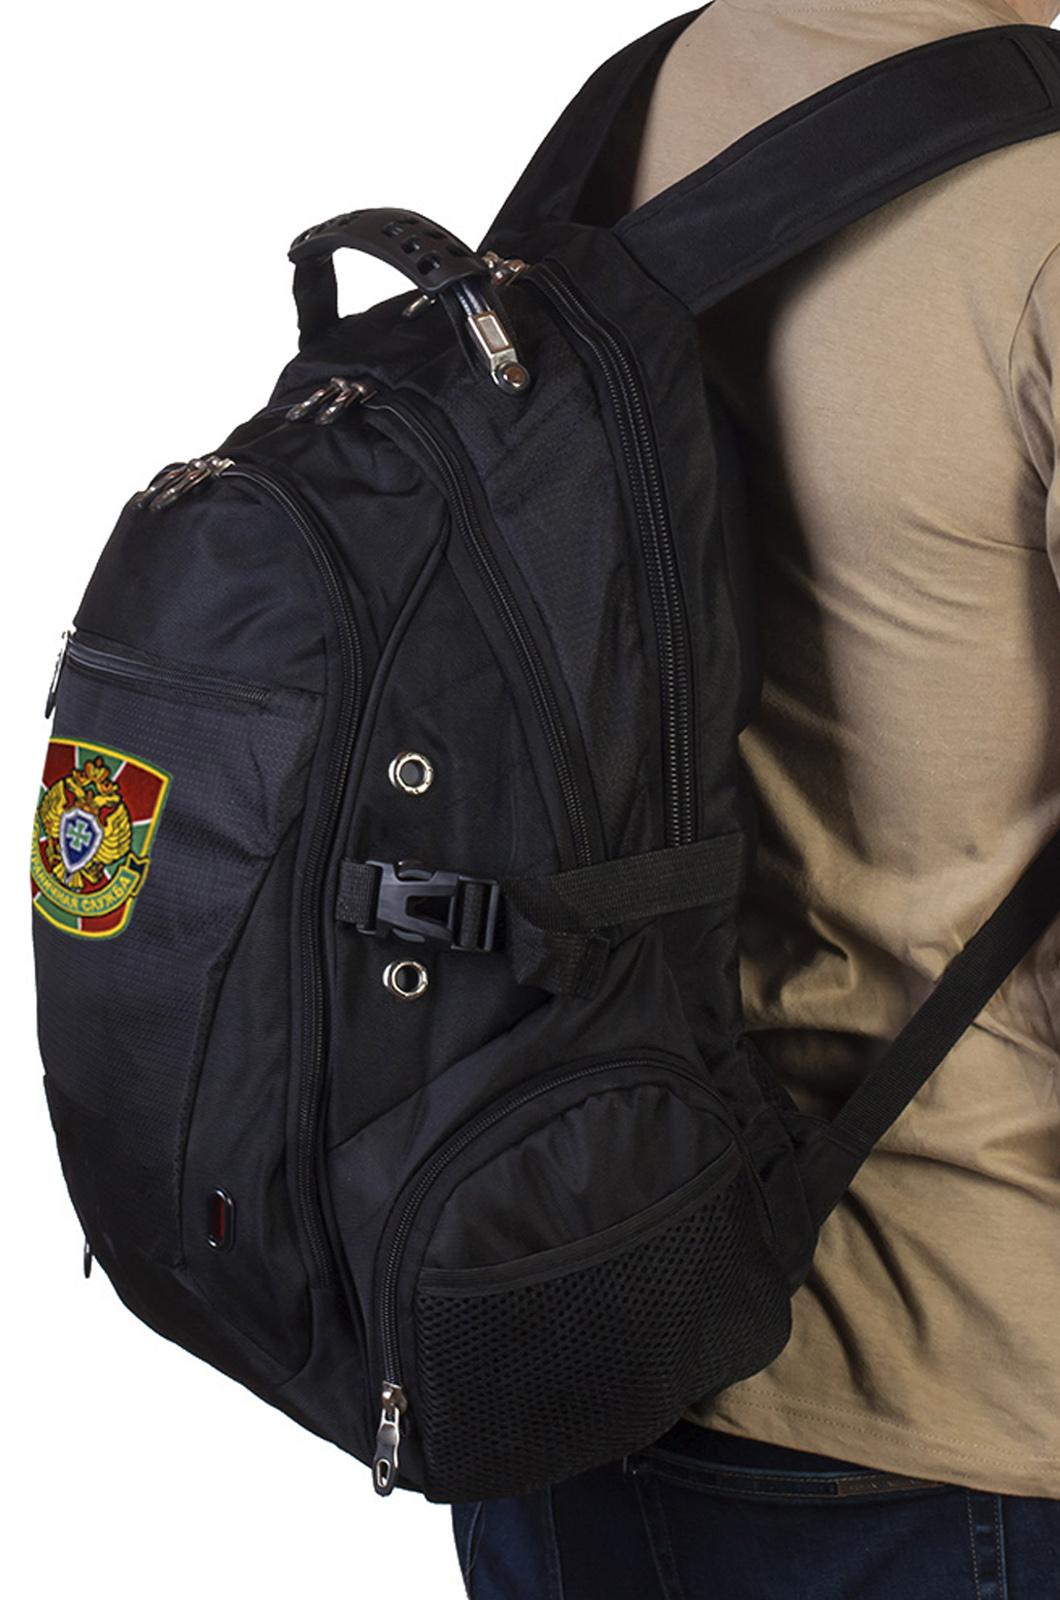 Топовый рюкзак Пограничная служба.